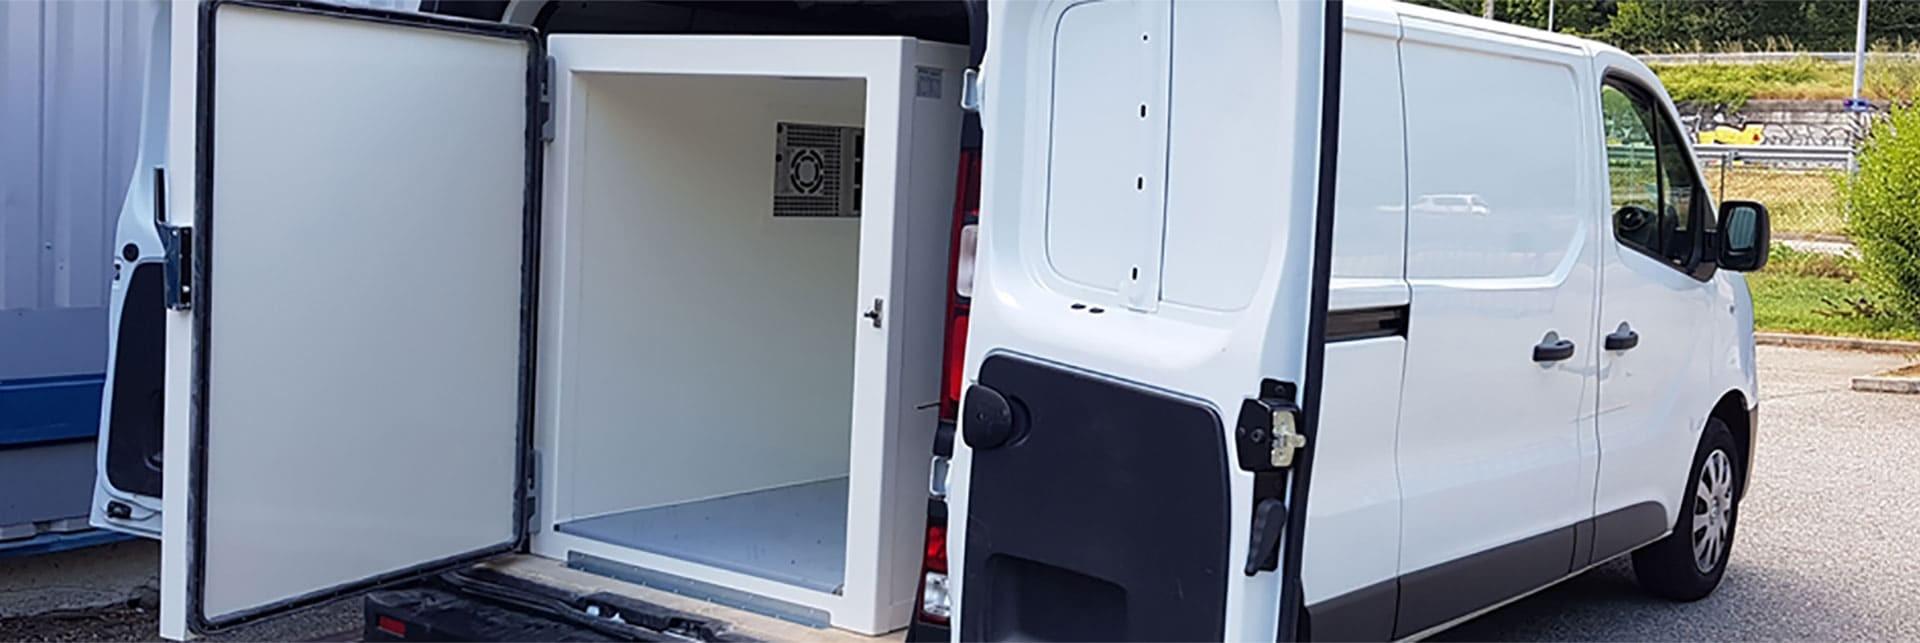 Caisson réfrigéré amovible - Solutions de transport réfrigéré pour utilitaire